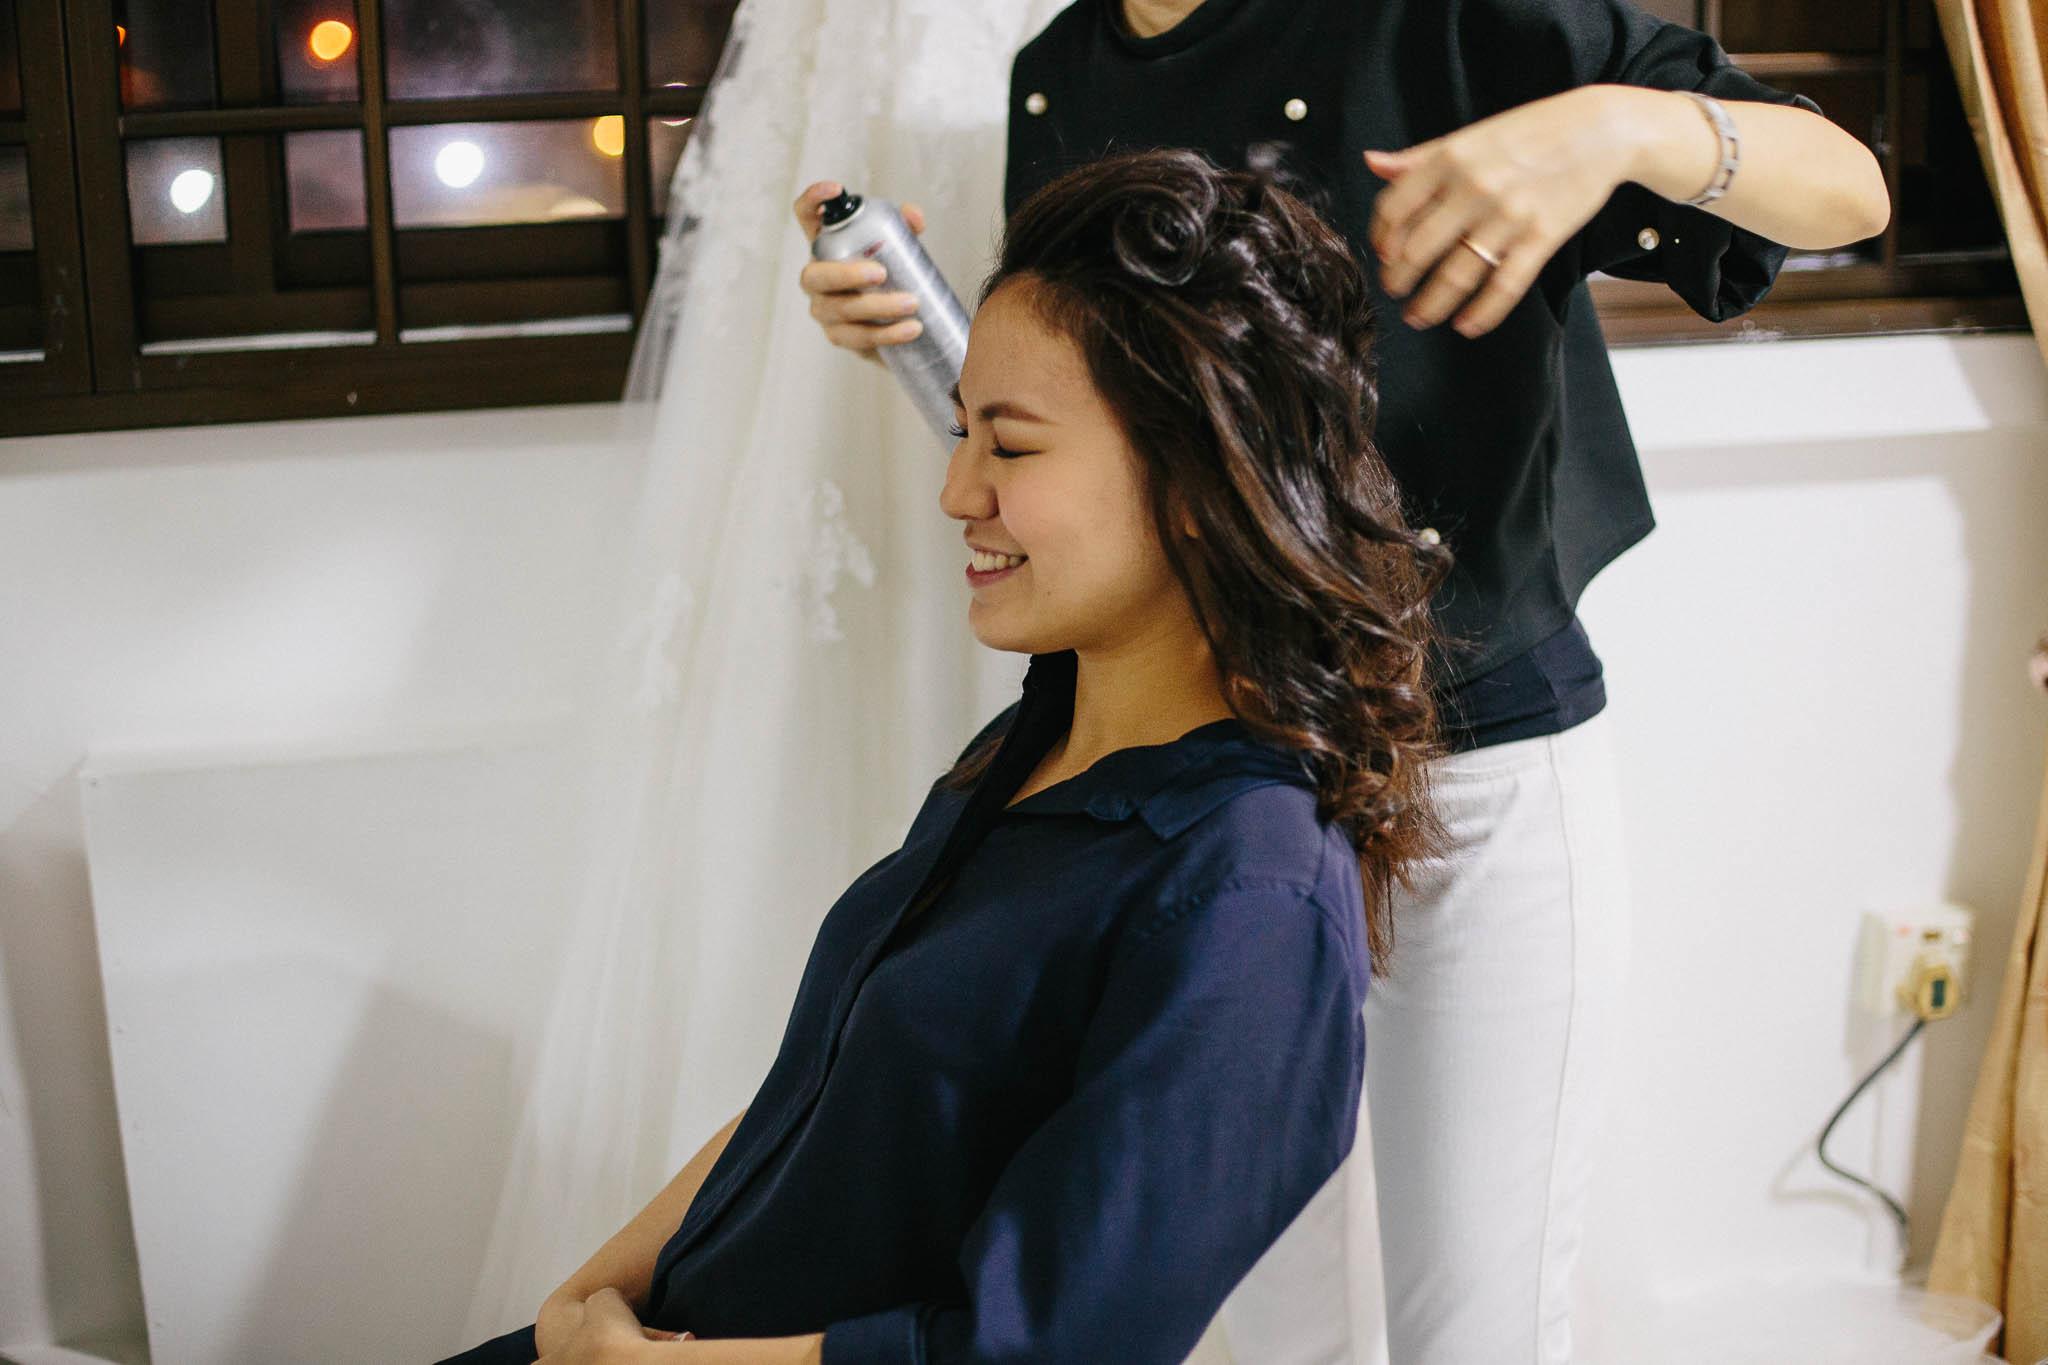 singapore-wedding-photographer-zhongwei-shihui-001.jpg